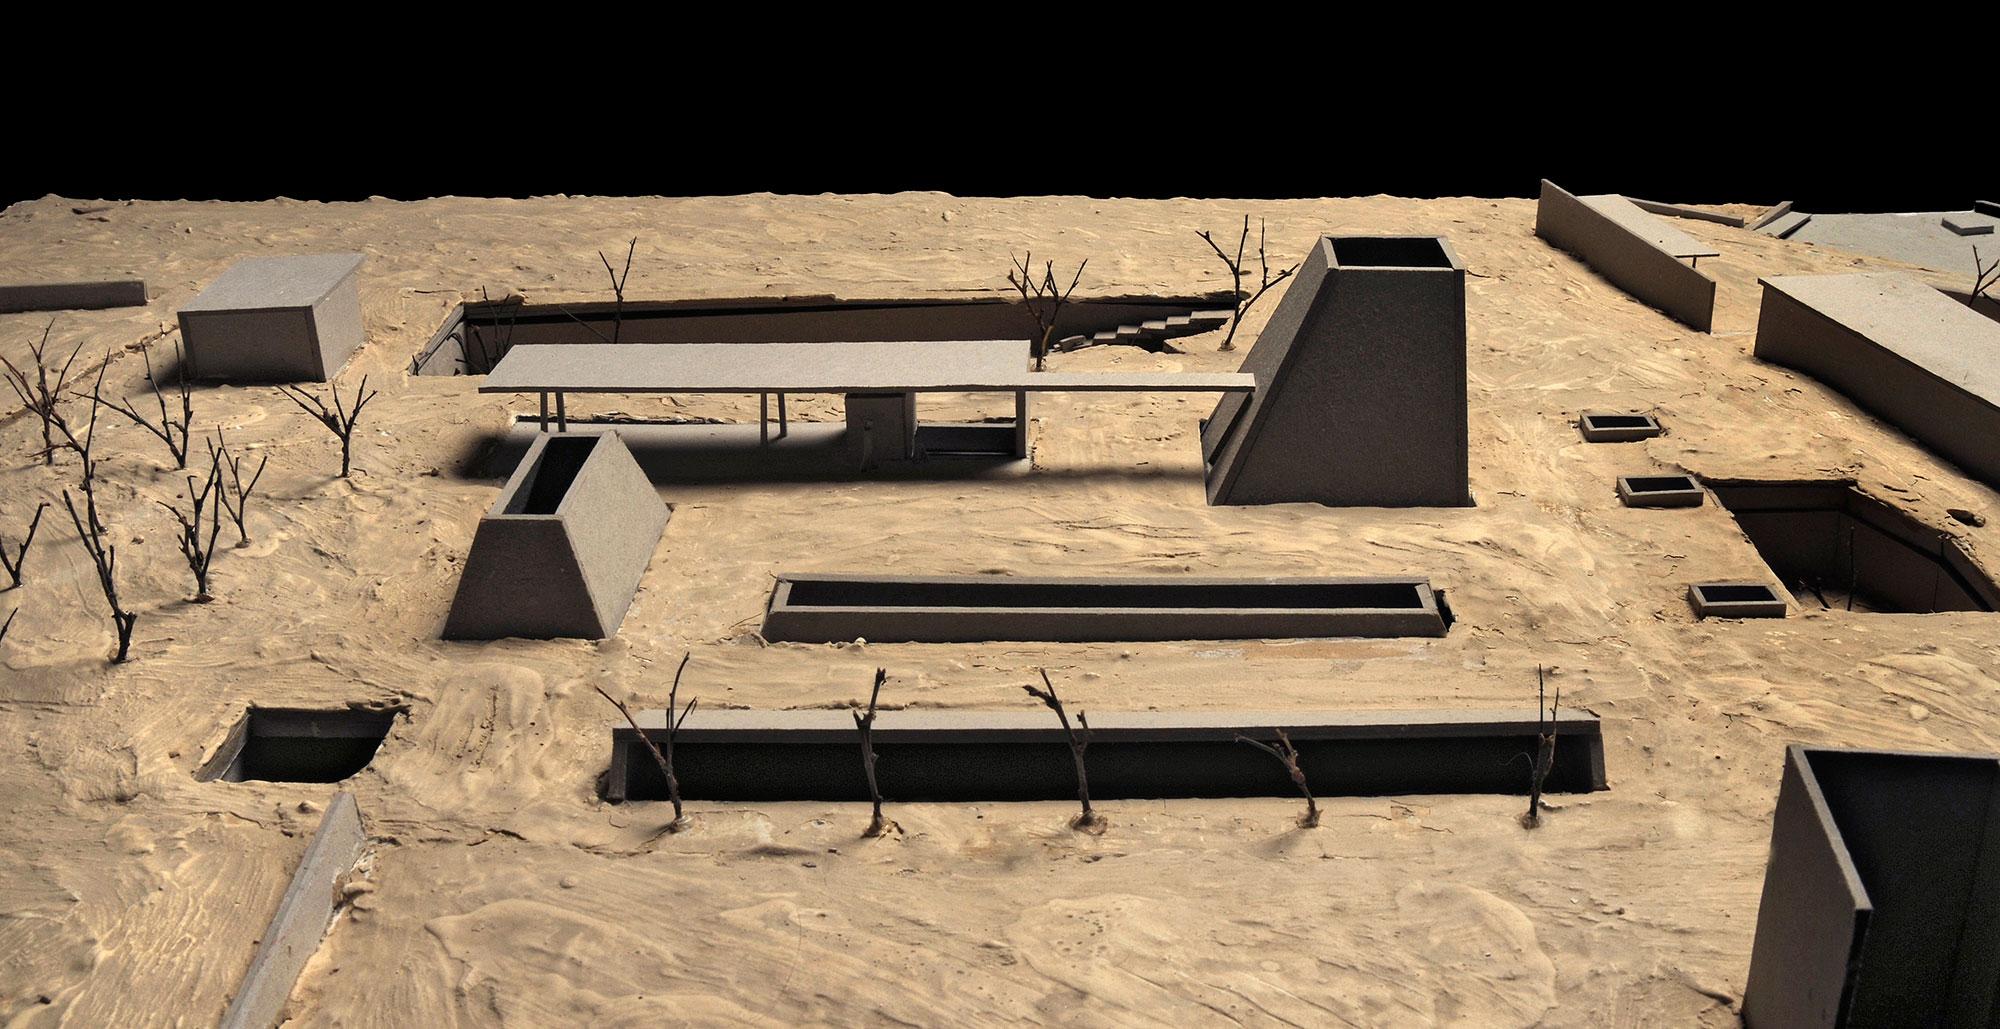 Πολιτιστική παρέμβαση στα Πλακάκια της Αίγινας. Τα μουσεία Καπράλου, Μόραλη, Νικολάου